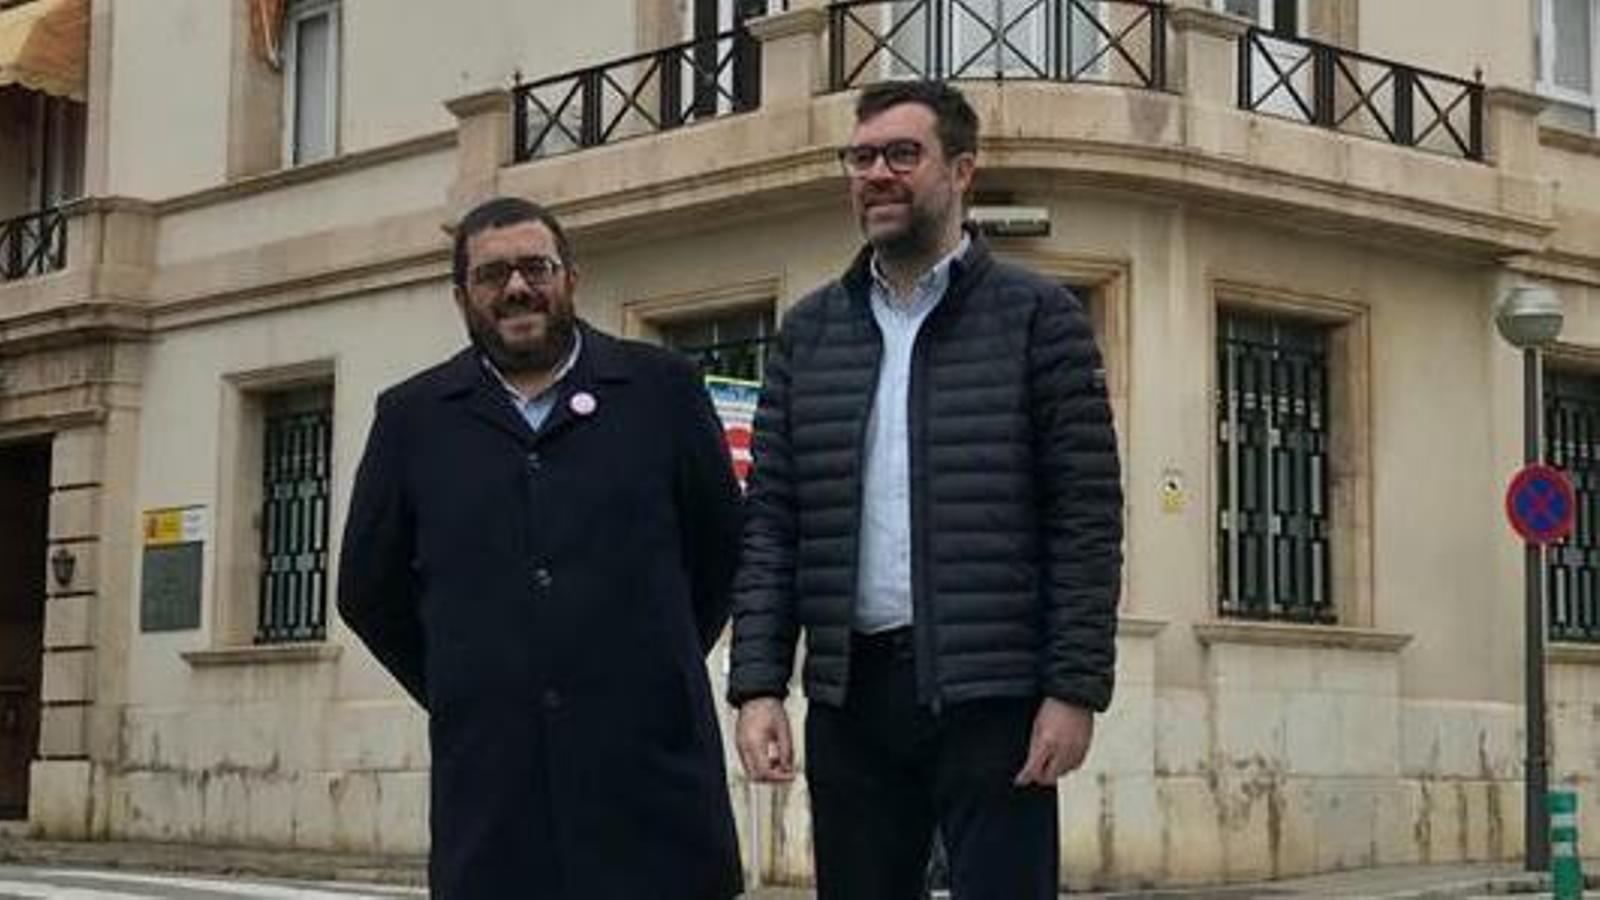 Vicenç Vidal i Antoni Noguera davant l'edifici que va ser la casa del batle Emili Darder i que avui en dia és seu de la Delegació de Defensa de Balears